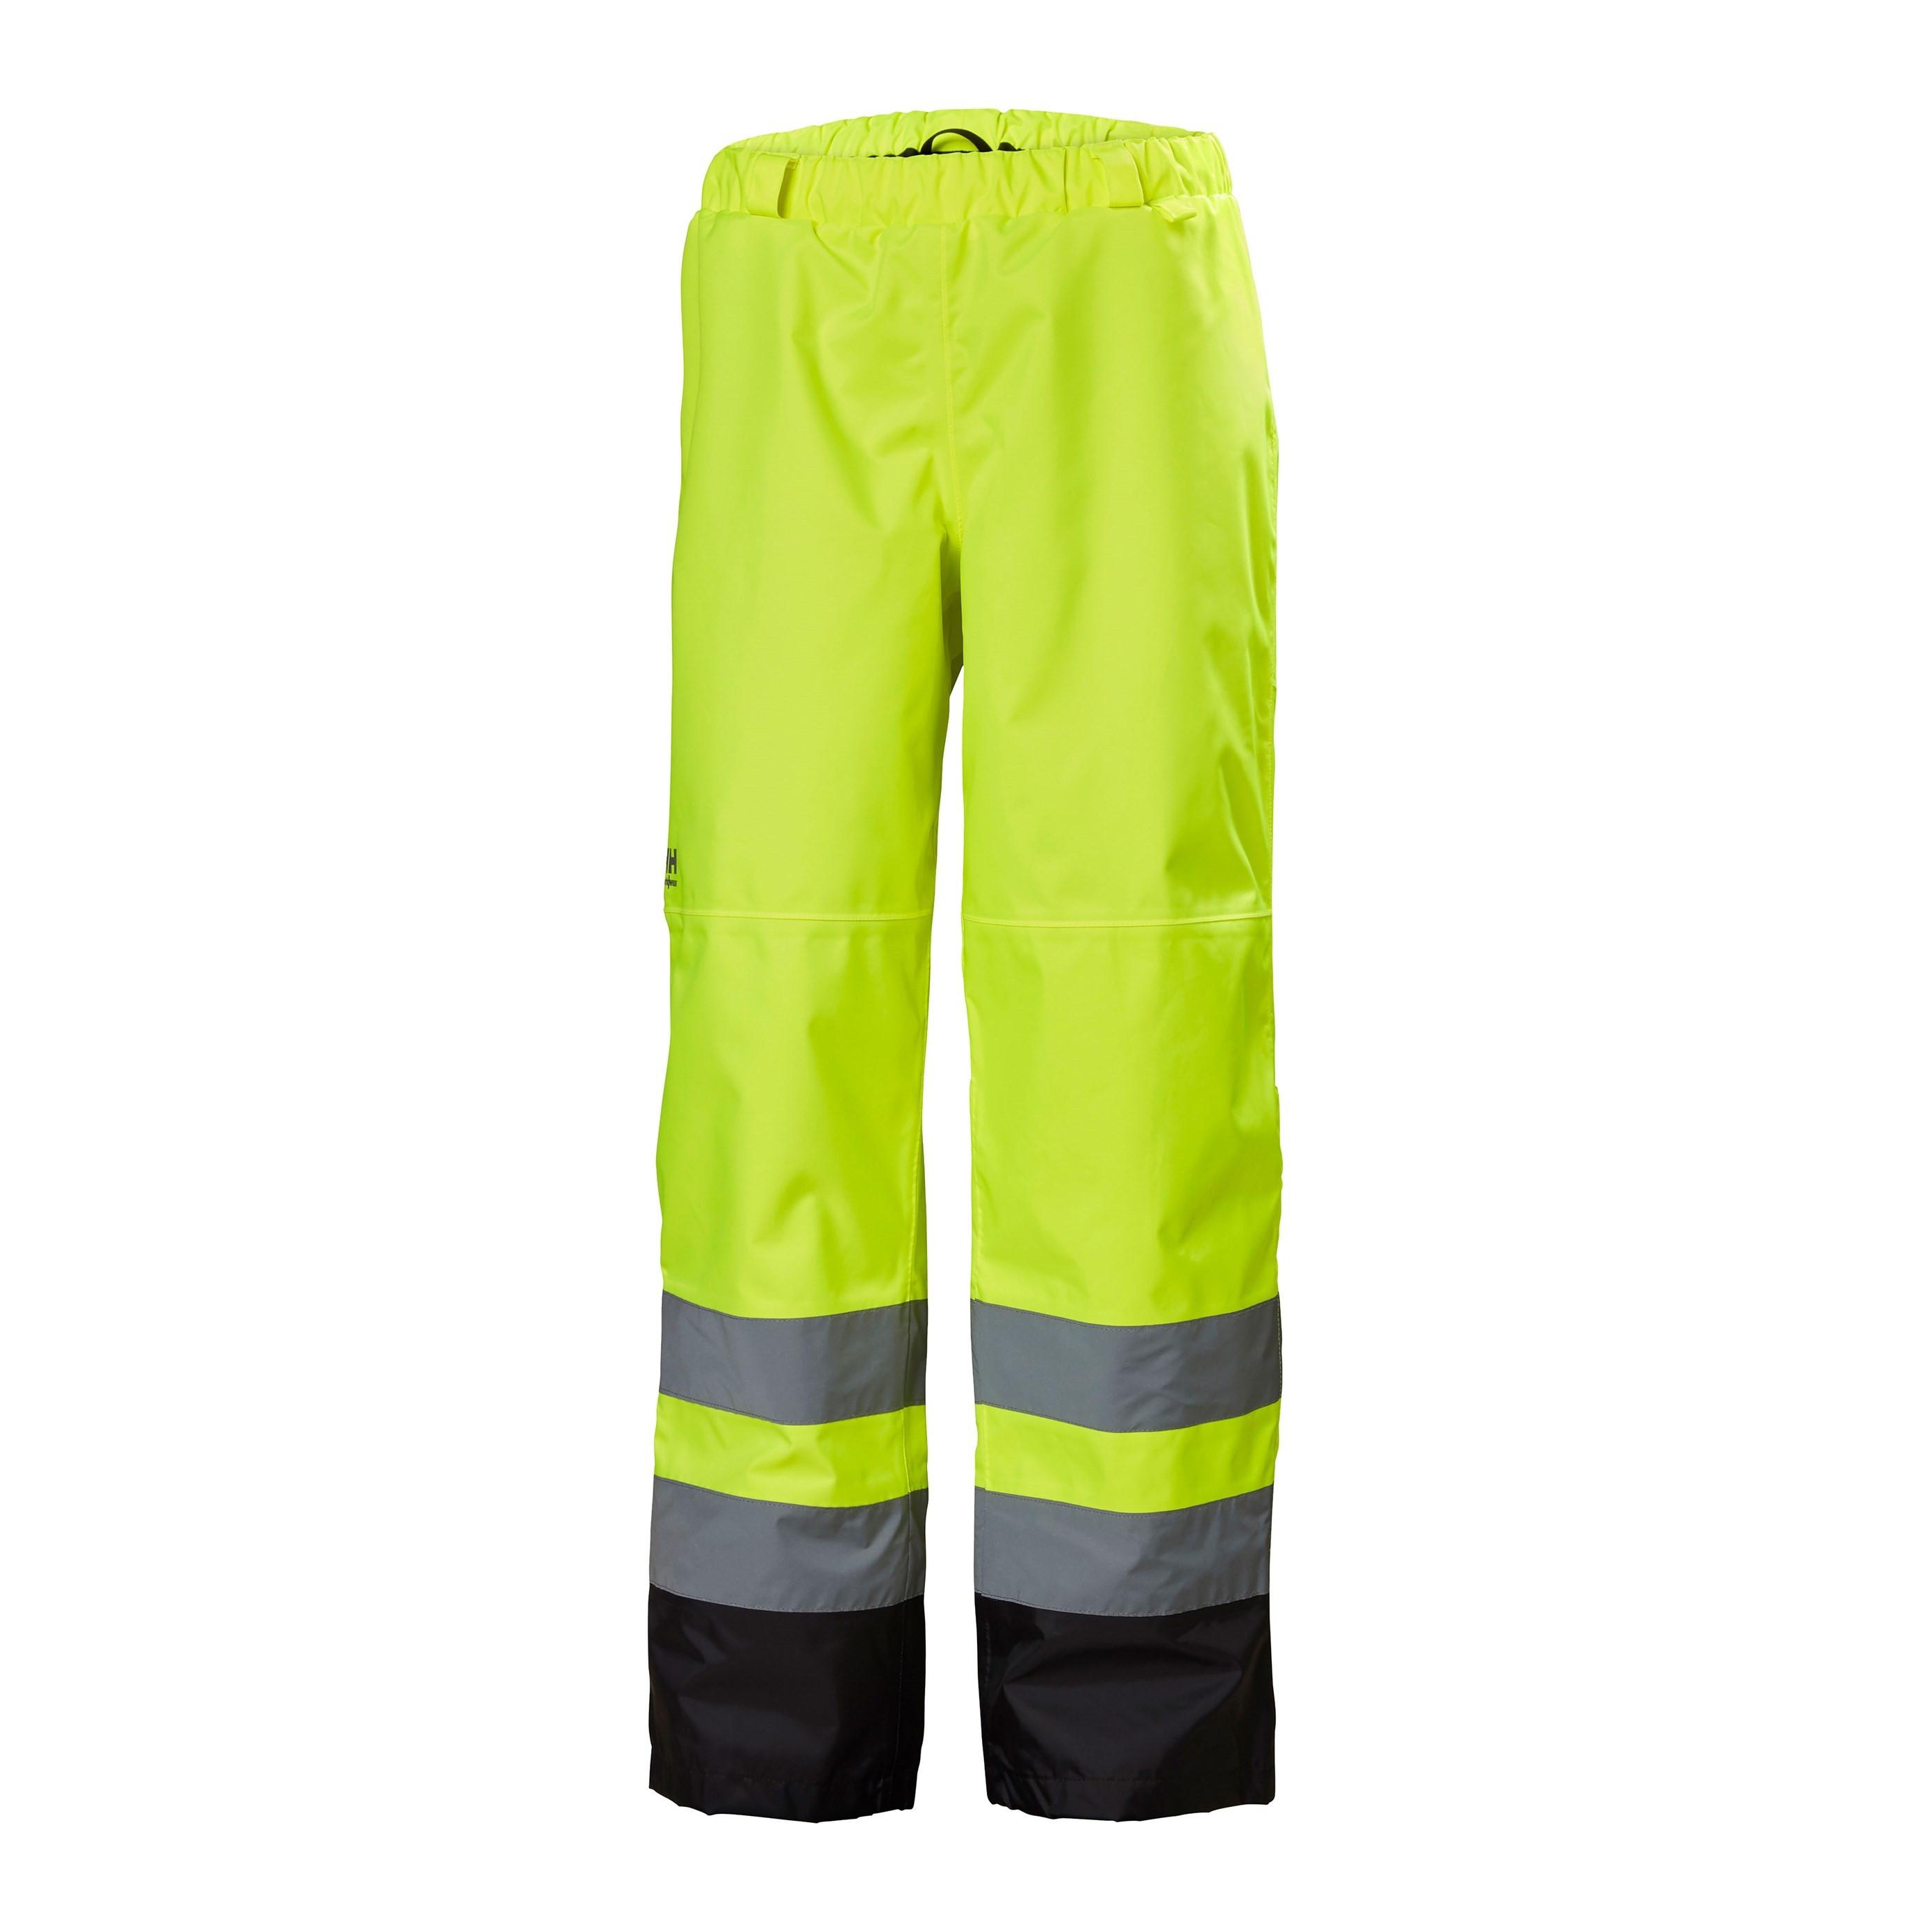 Штаны сигнальные Helly Hansen Alta Shell Pant - 71442 (Hv Yellow/Charcoal; L)